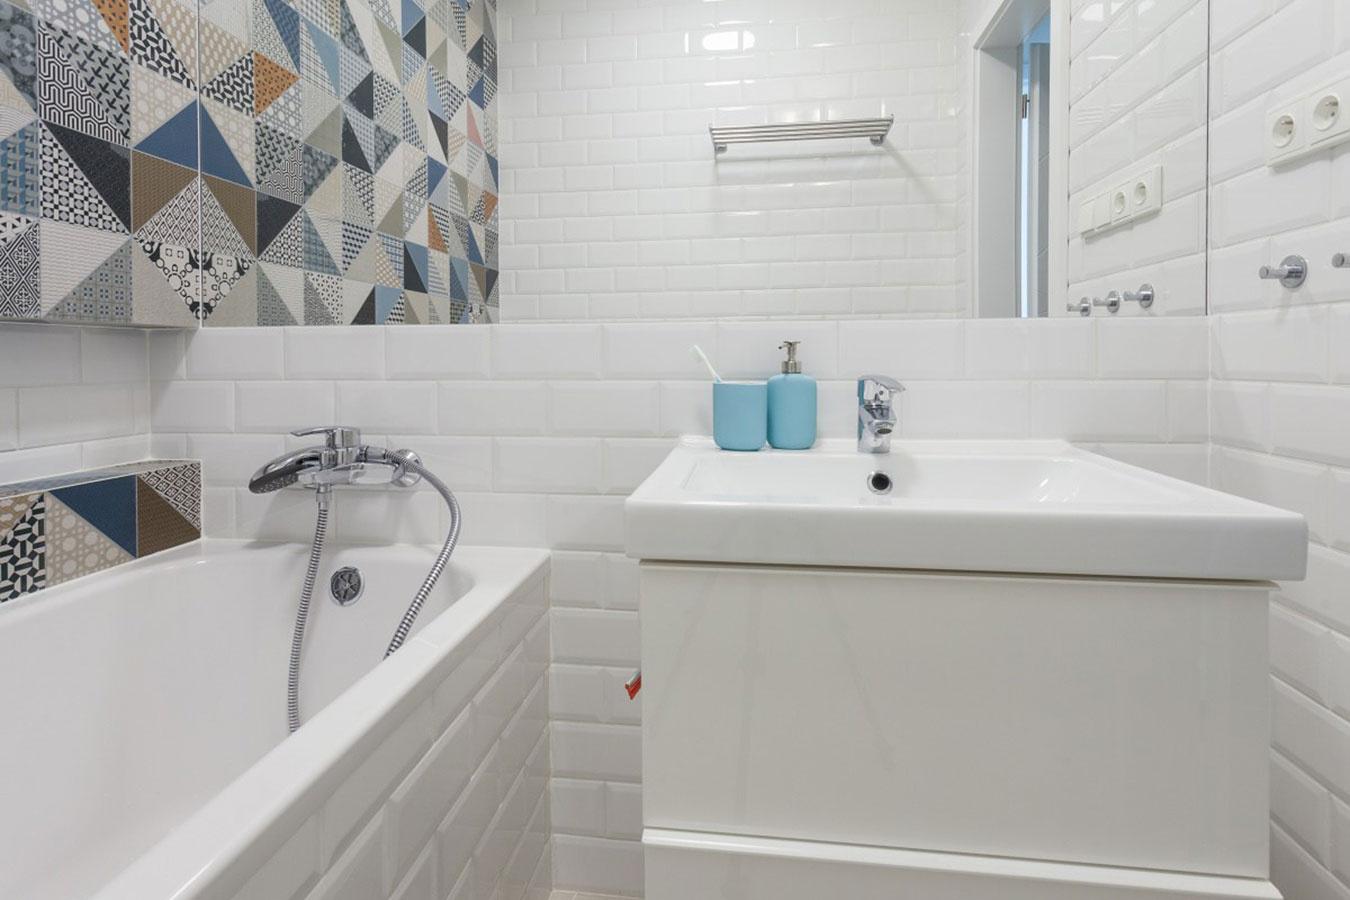 Silný efekt. Aby pomerne malú kúpeľňu opticky zväčšili, použili na jednej stene veľkú tabuľu zrkadla, ktorá siaha od kúta po kút. Na oživenie jednoduchého, cenovo dostupného bieleho obkladu stačí jedna pestrá stena.